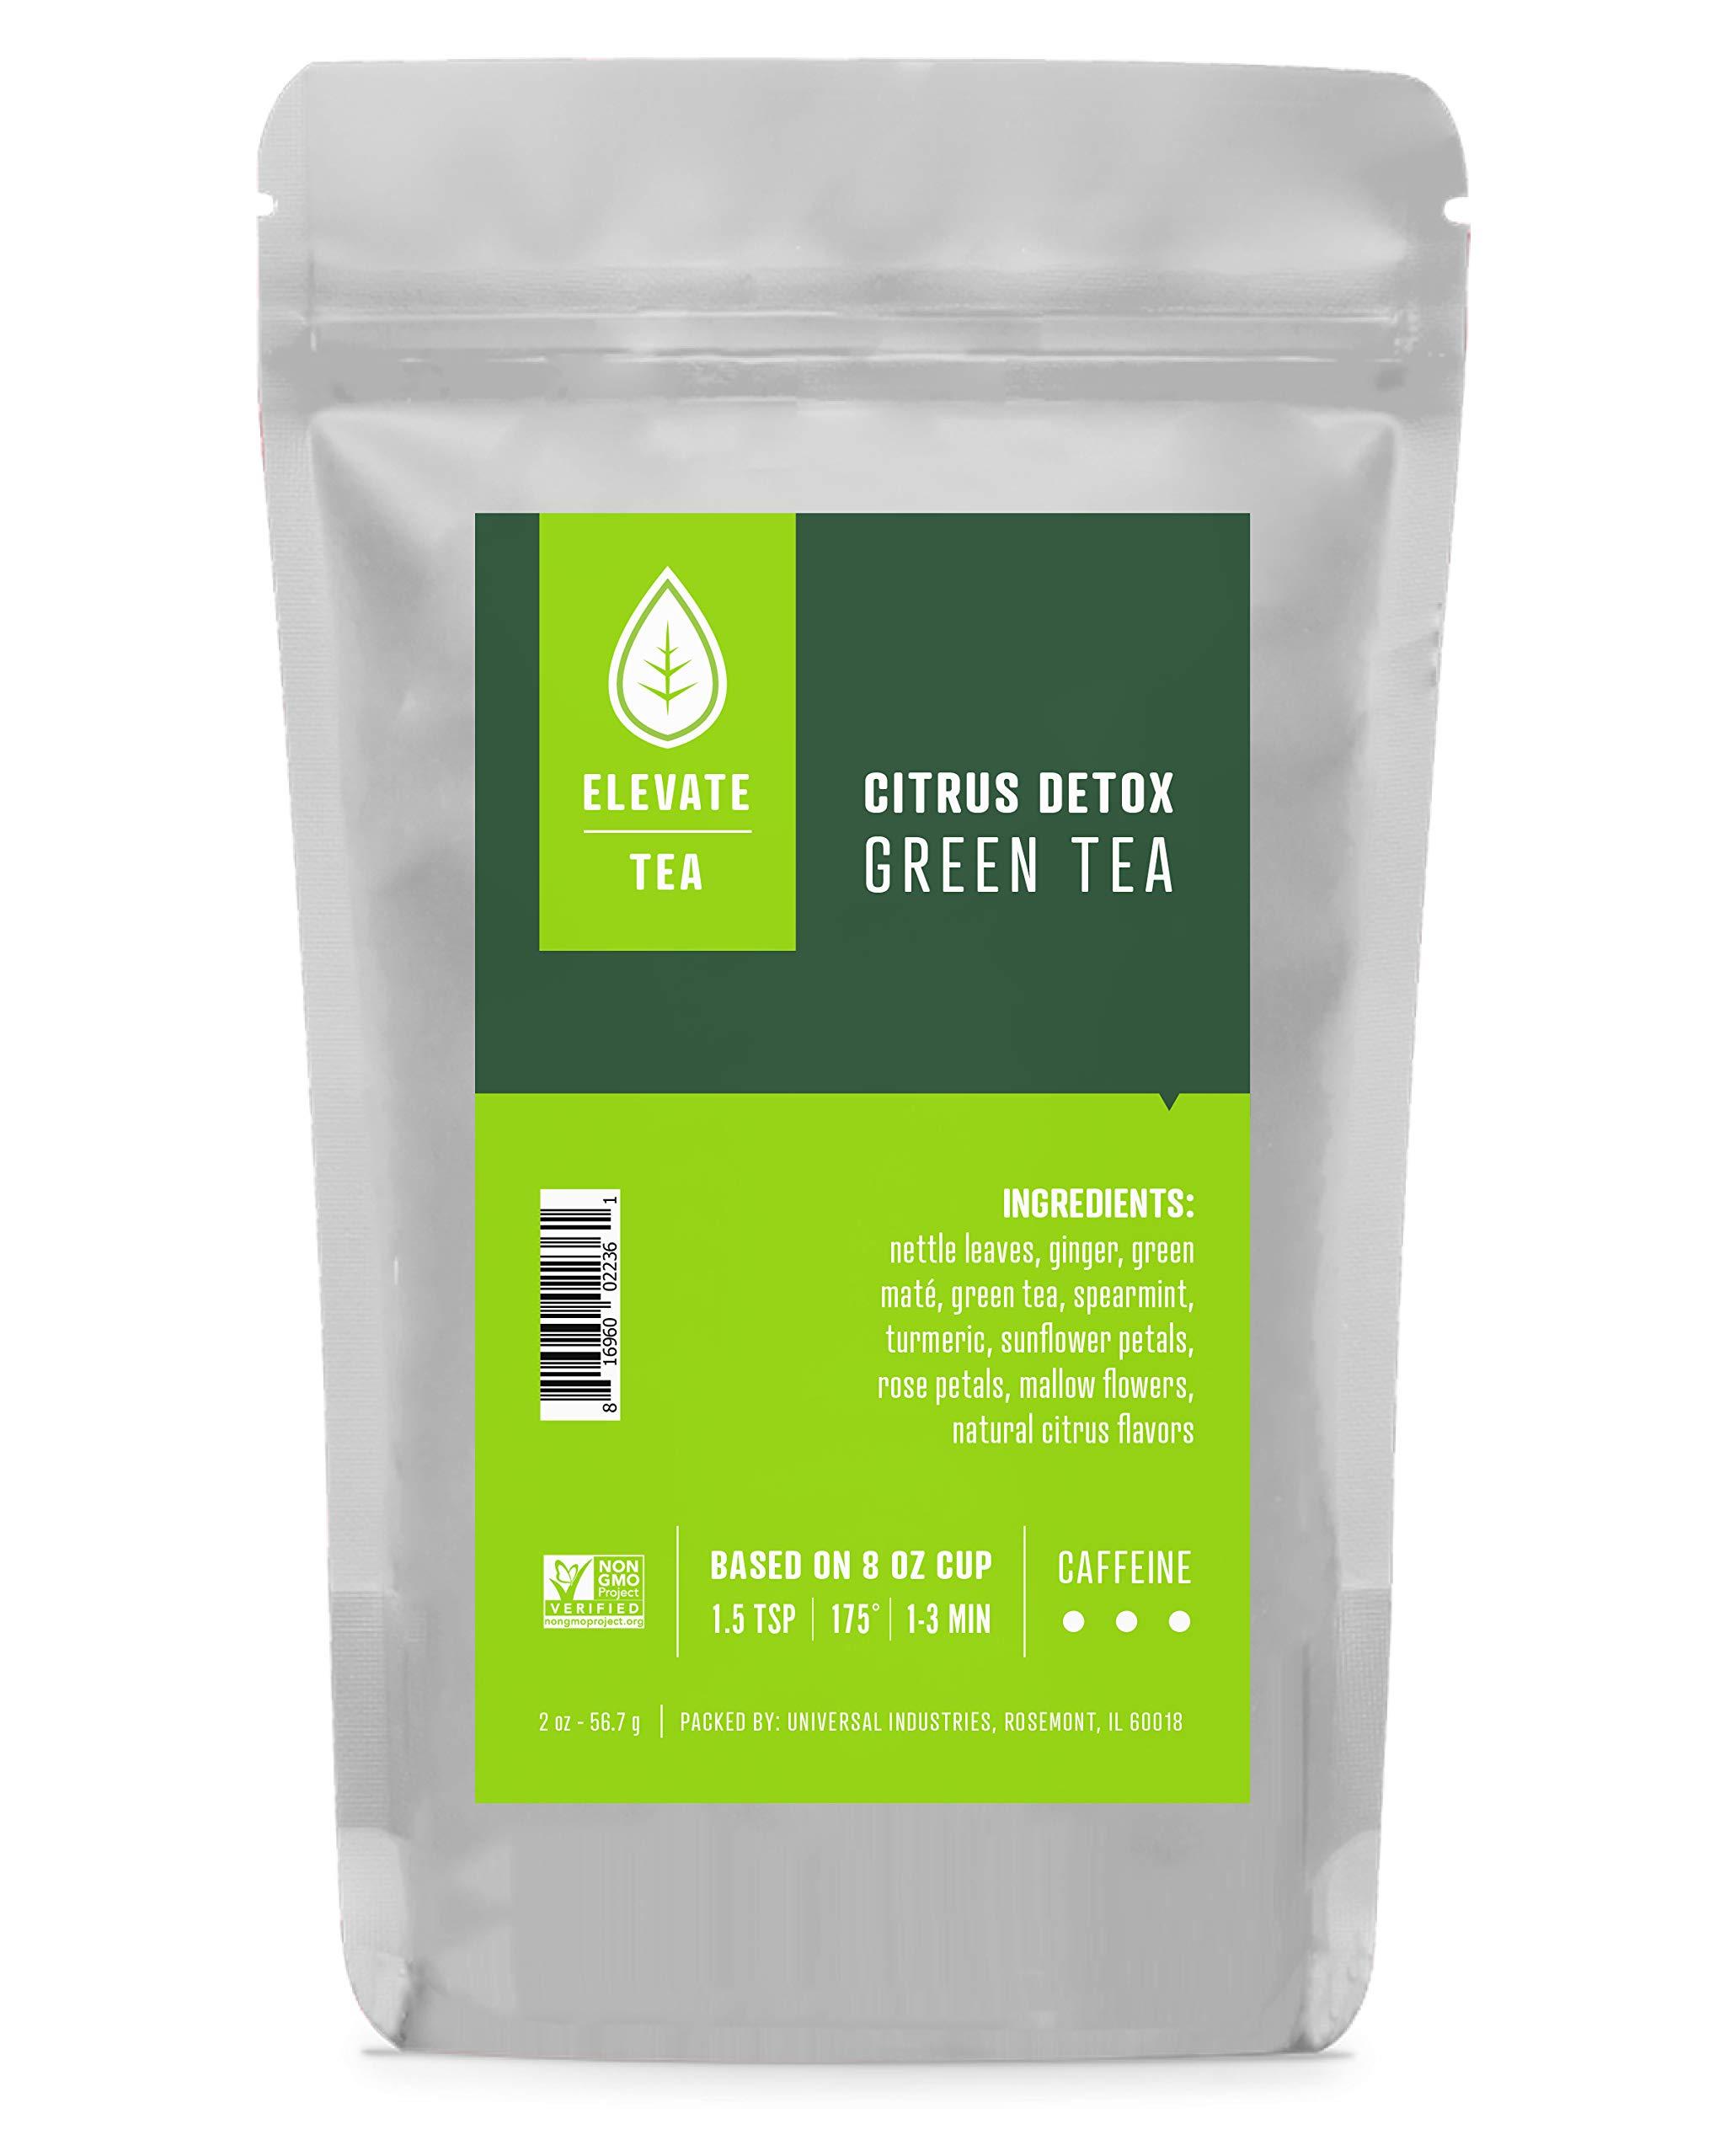 Elevate Tea CITRUS DETOX GREEN TEA